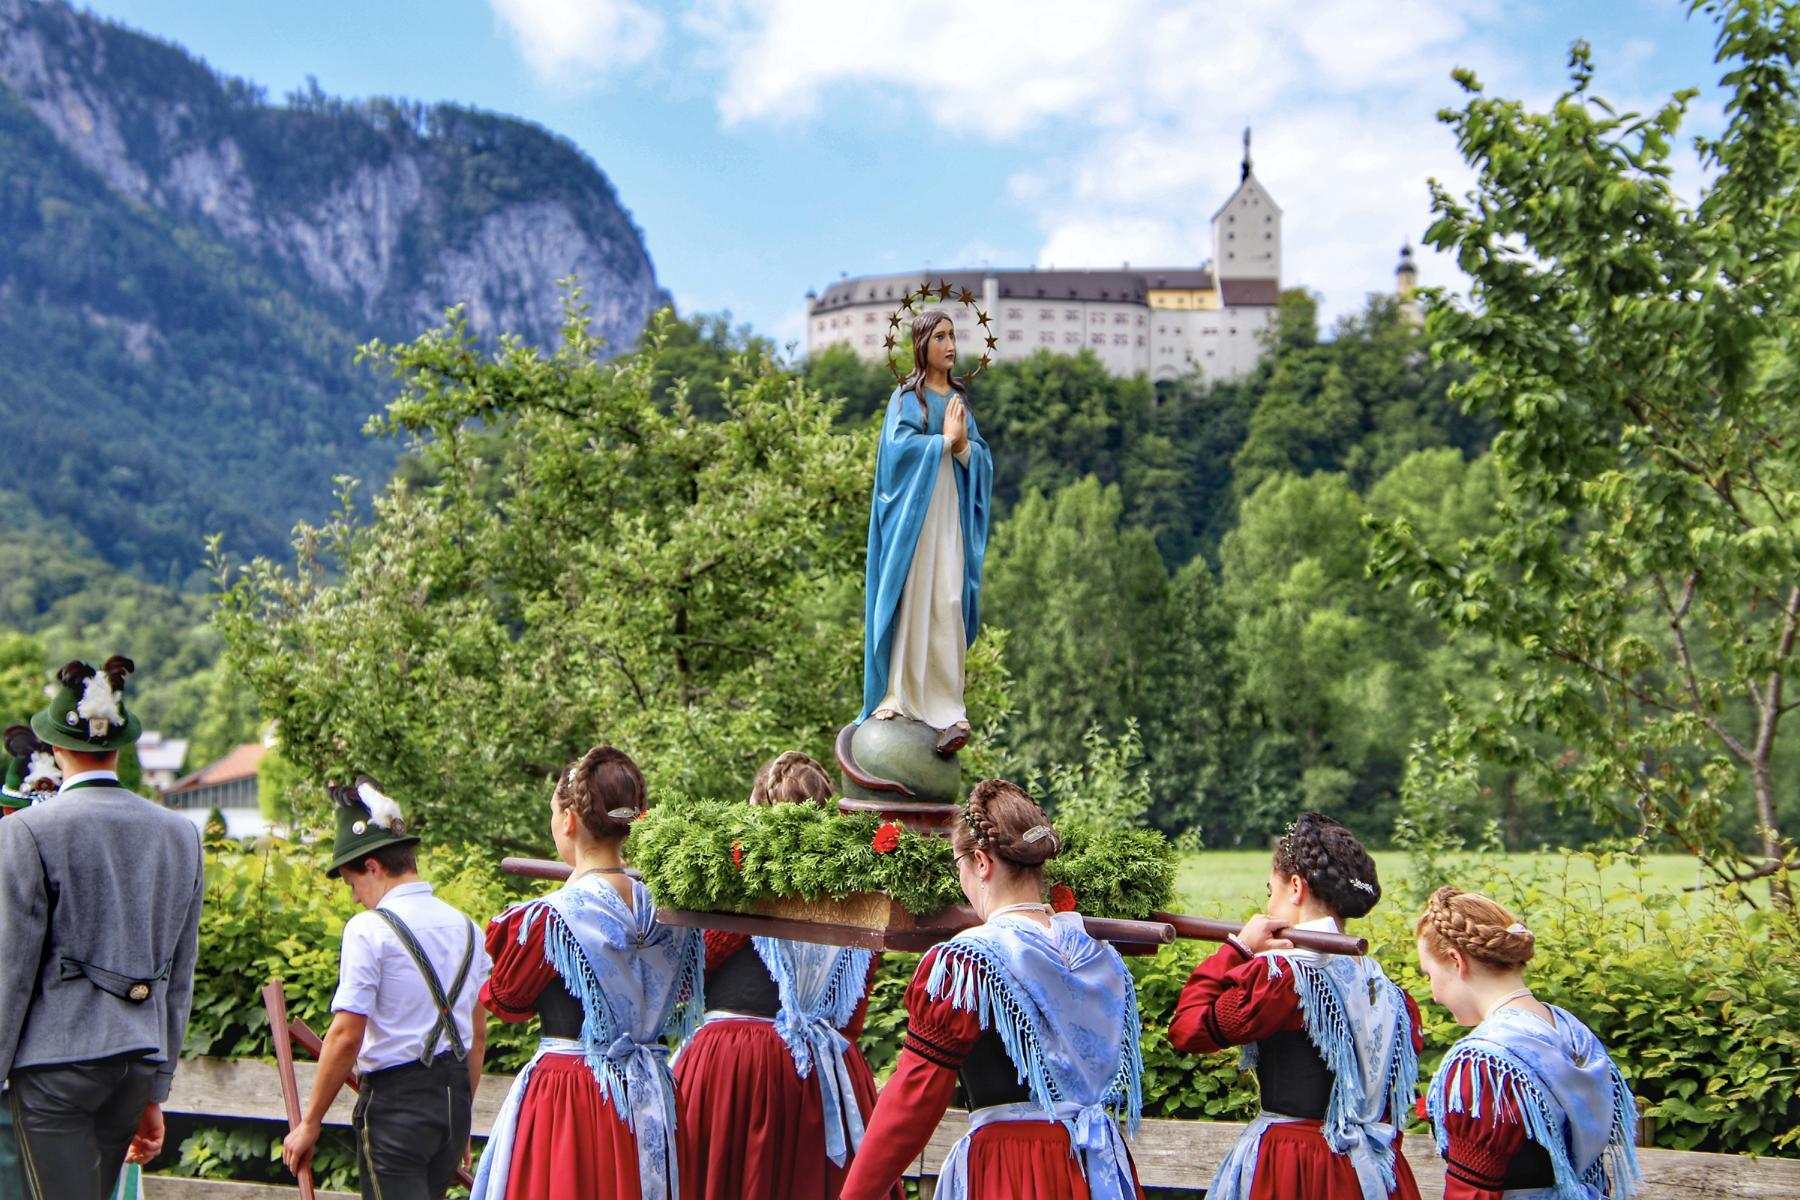 K1600_Fronleichnam 2019 Aschau_Foto H. Reiter (12)